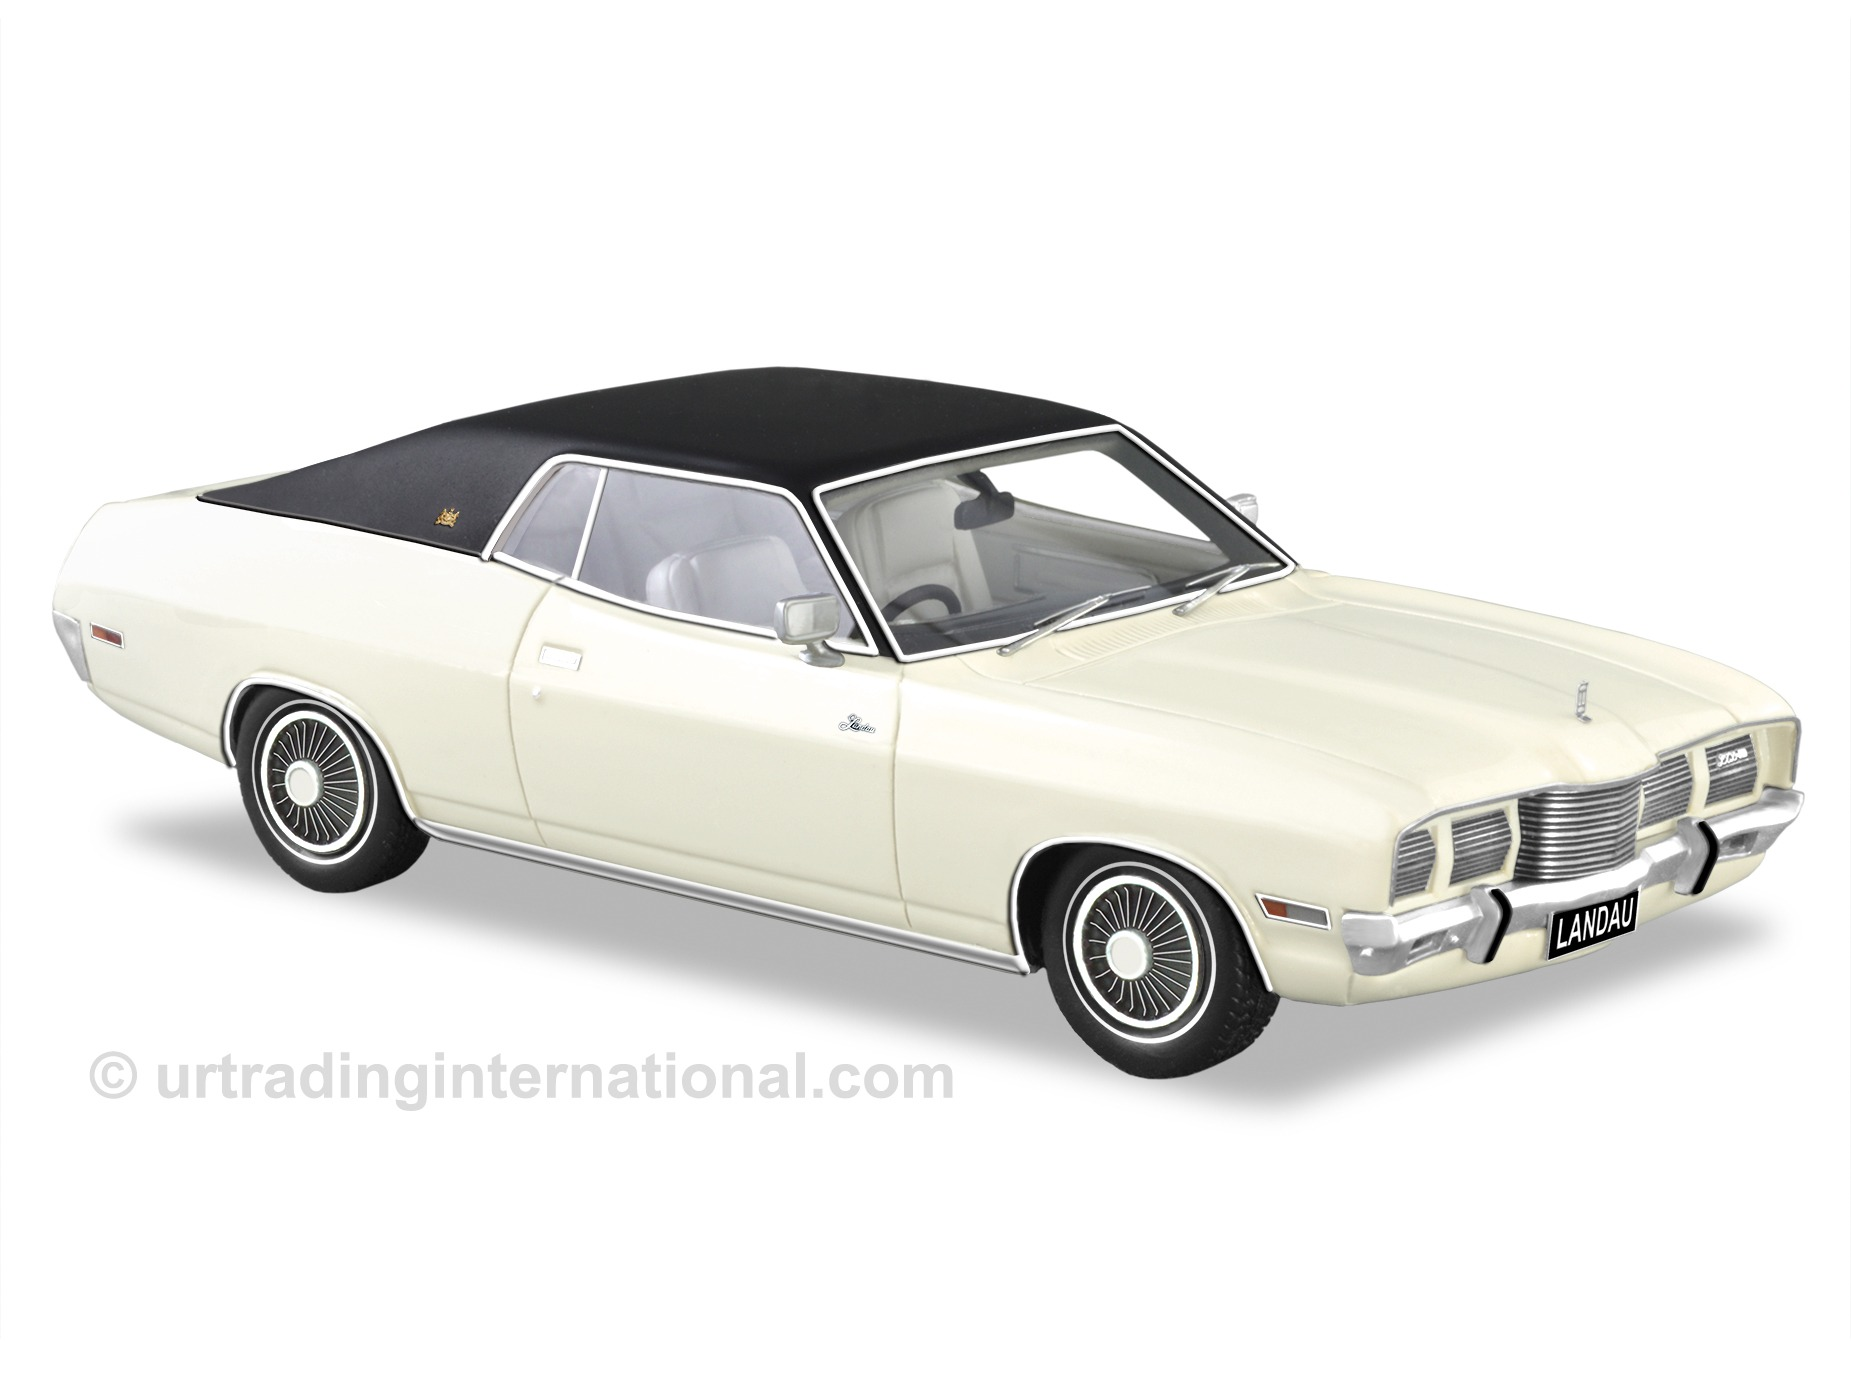 1975 Ford Landau – Polar White